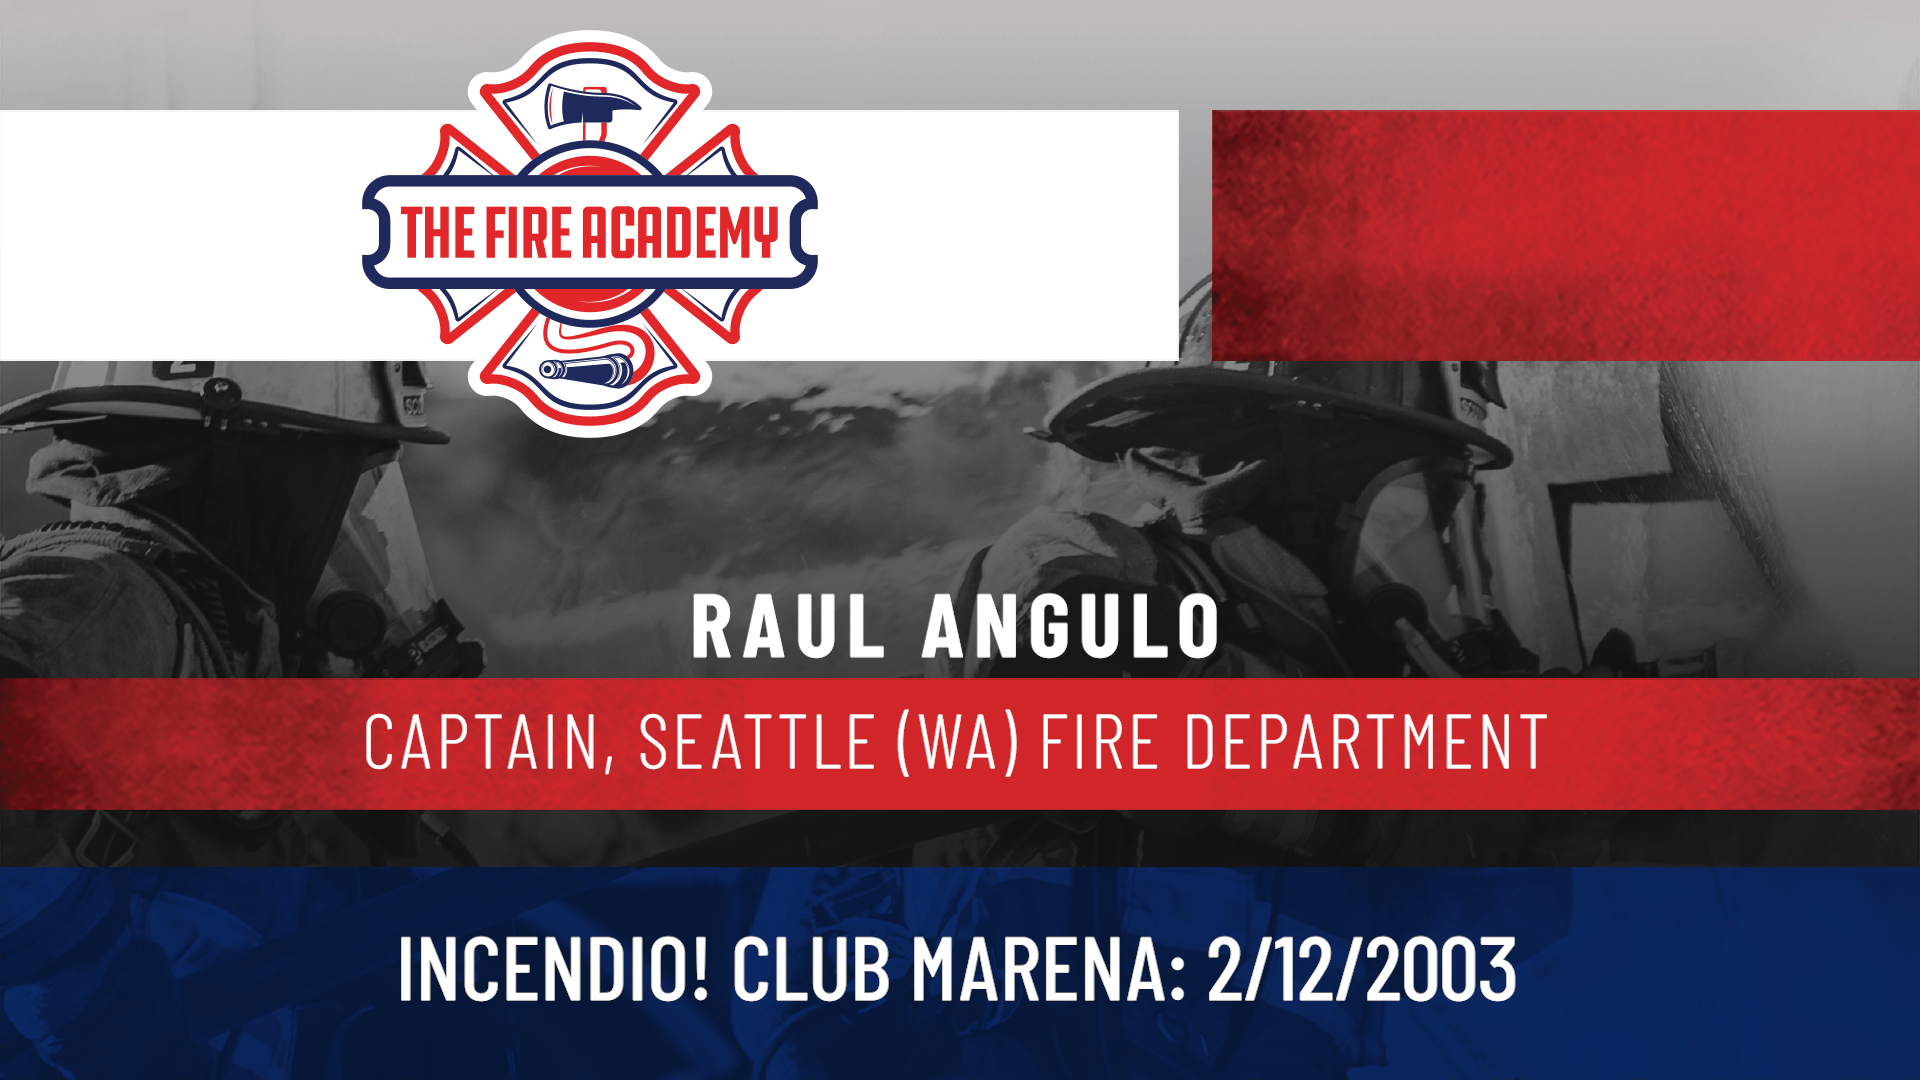 Incendio! Club Marena: 2/12/2003